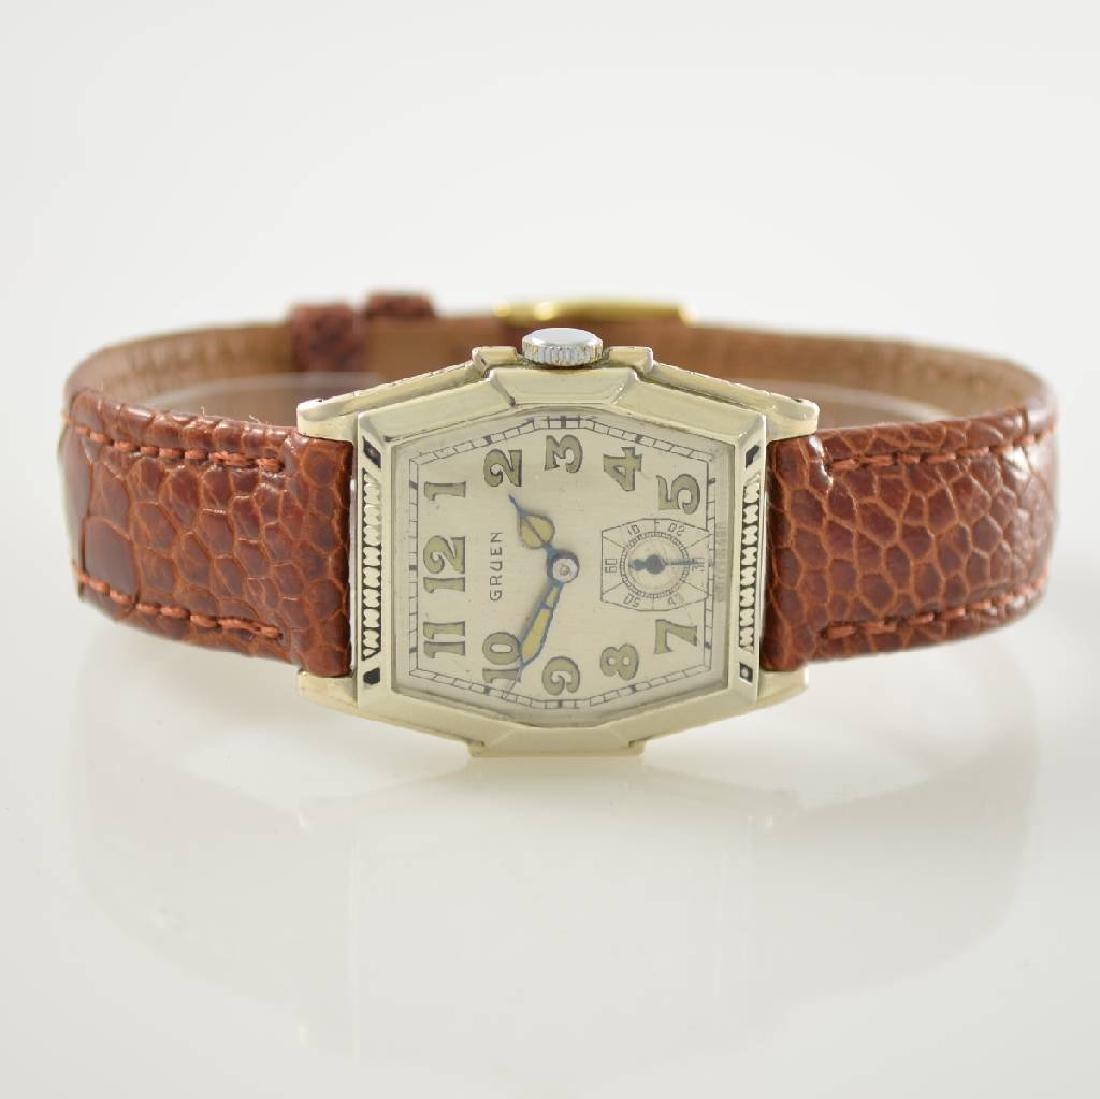 GRUEN unusual wristwatch, Switzerland around 1929